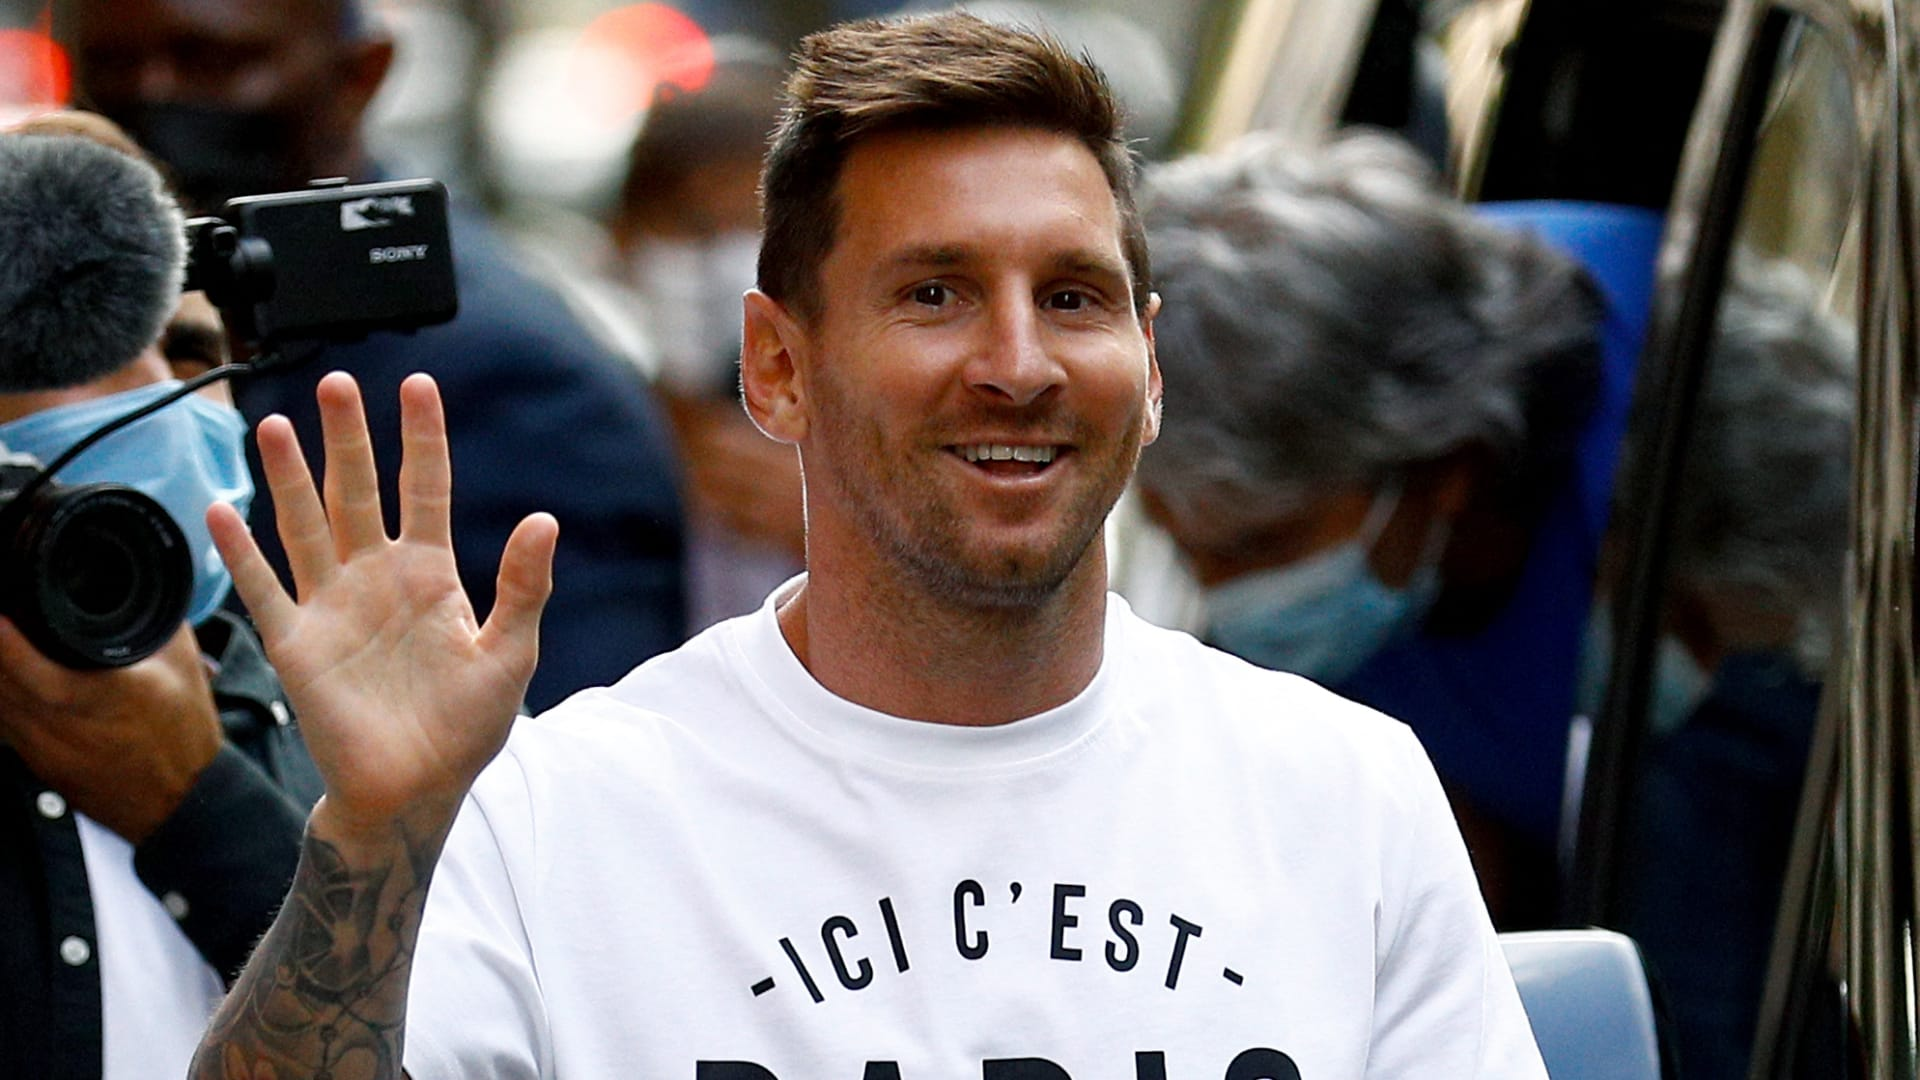 """ميسي لـCNN: باريس سان جيرمان """"المكان المثالي"""" للفوز بـ""""أبطال أوروبا"""" مرة أخرى"""